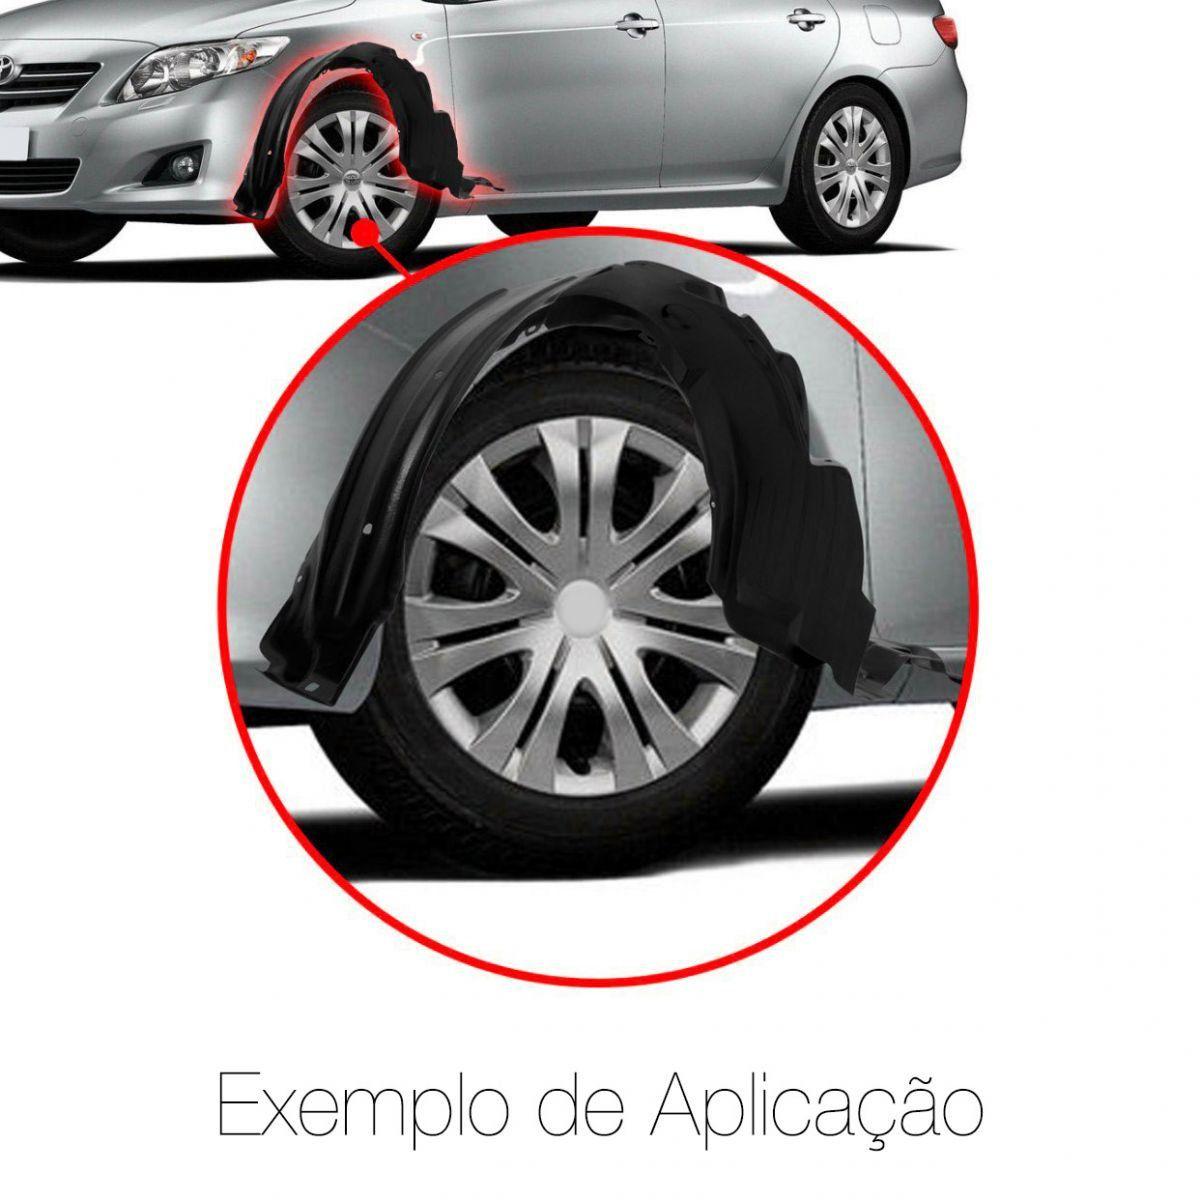 Parabarro Dianteiro City 2009 2010 2011 2012 2013